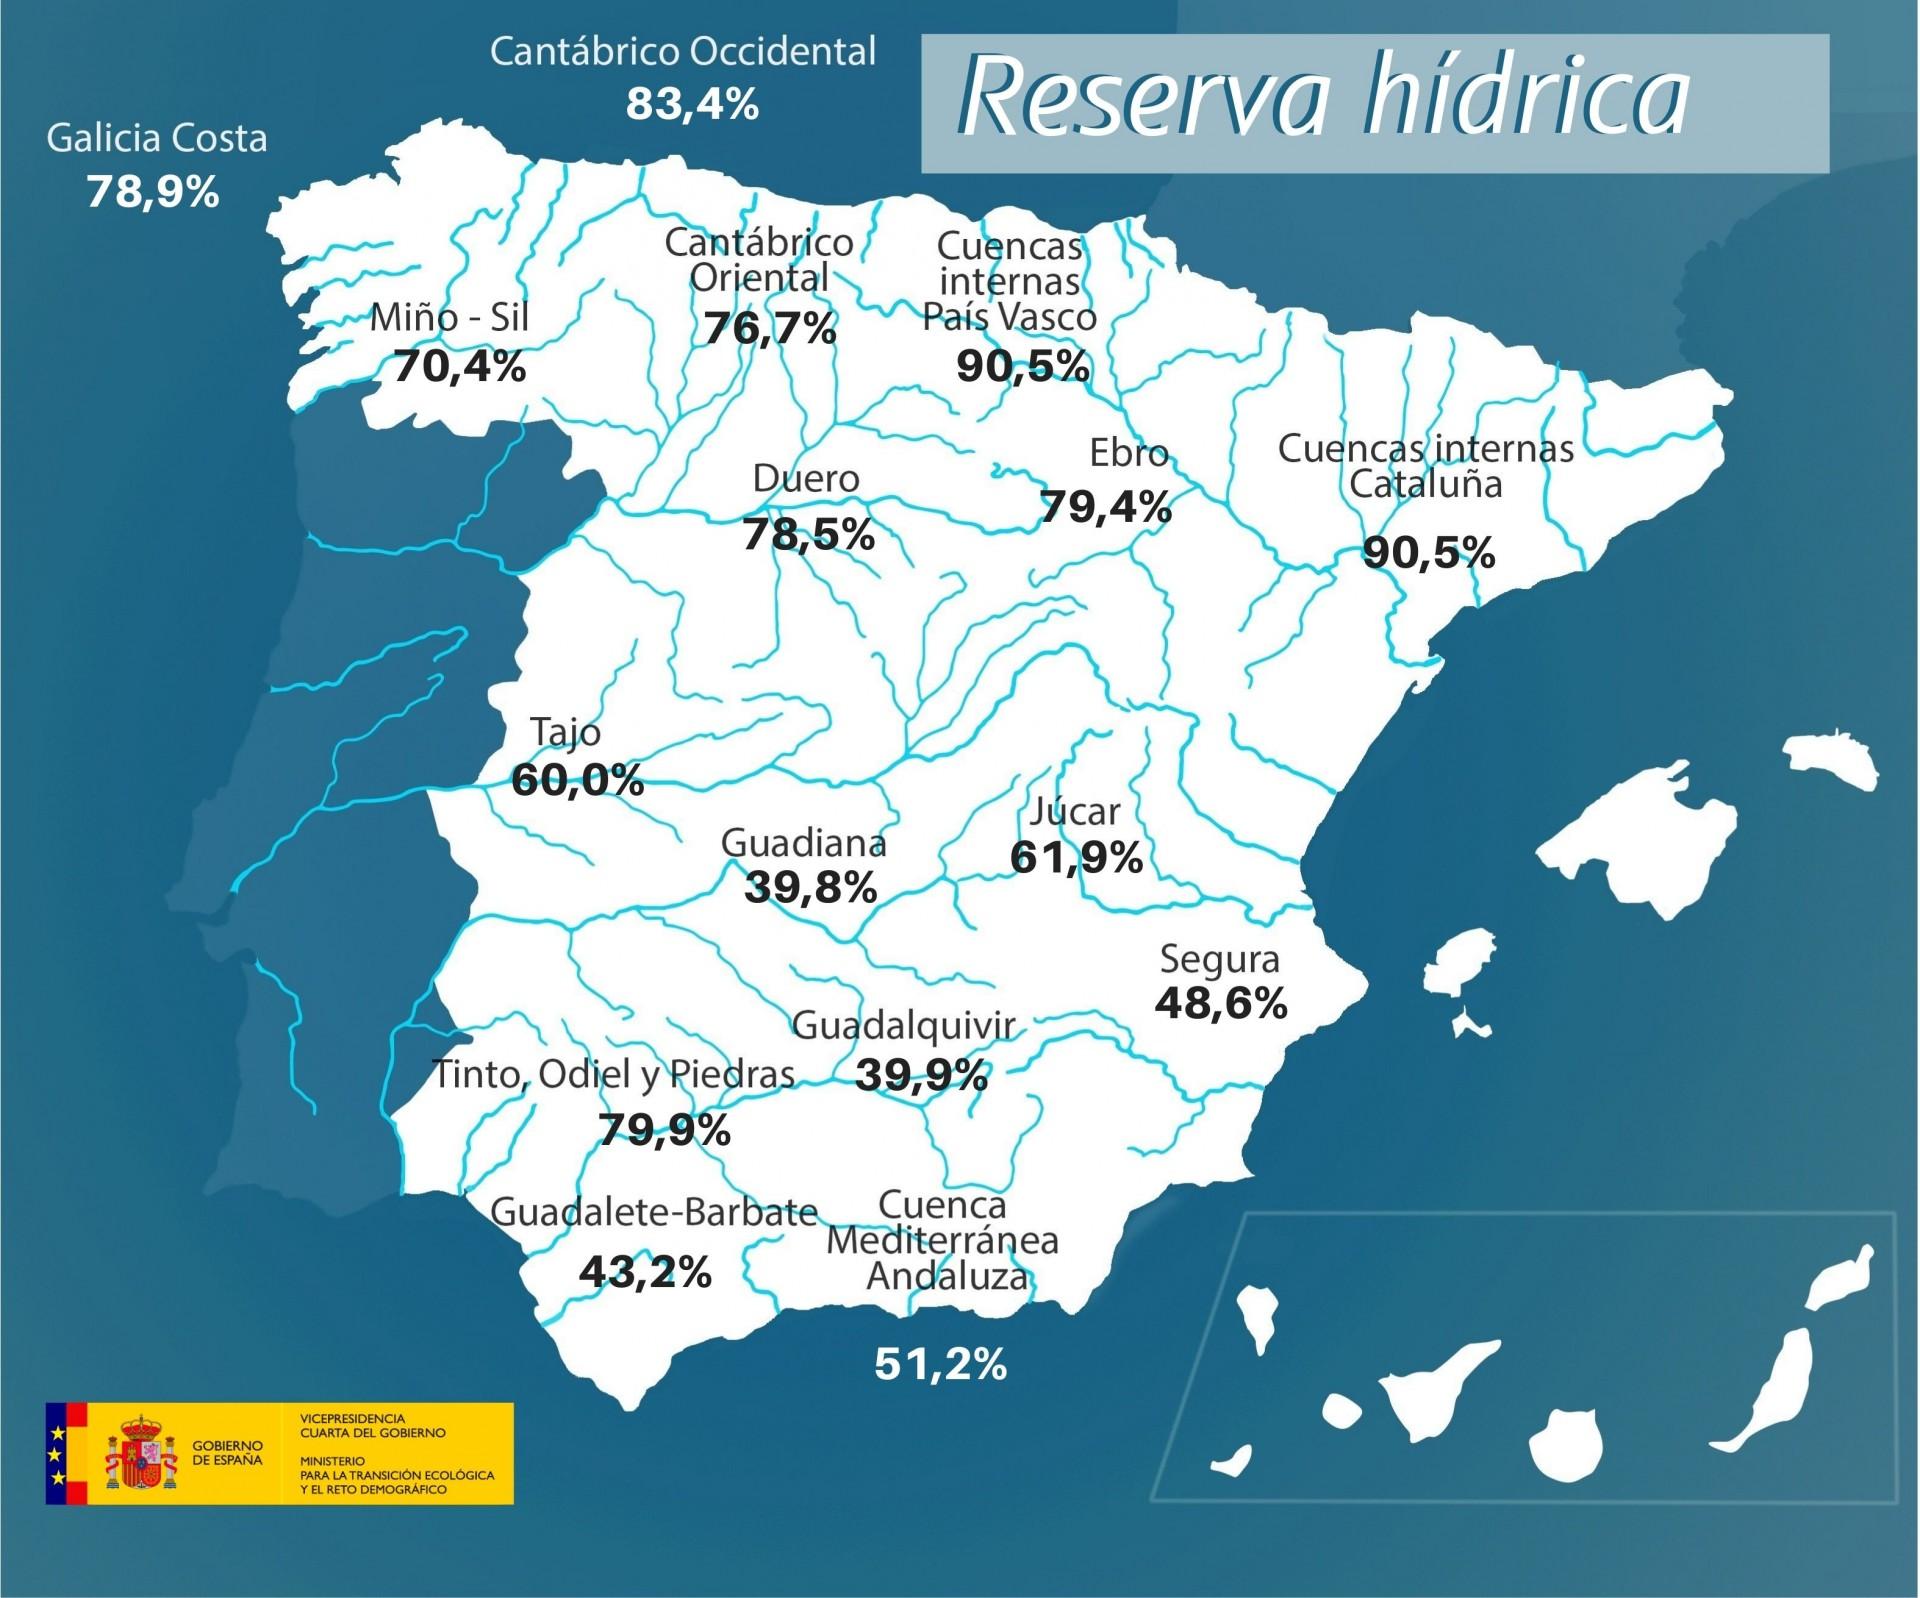 La reserva hídrica española se encuentra al 59,7 por ciento de su capacidad - 0